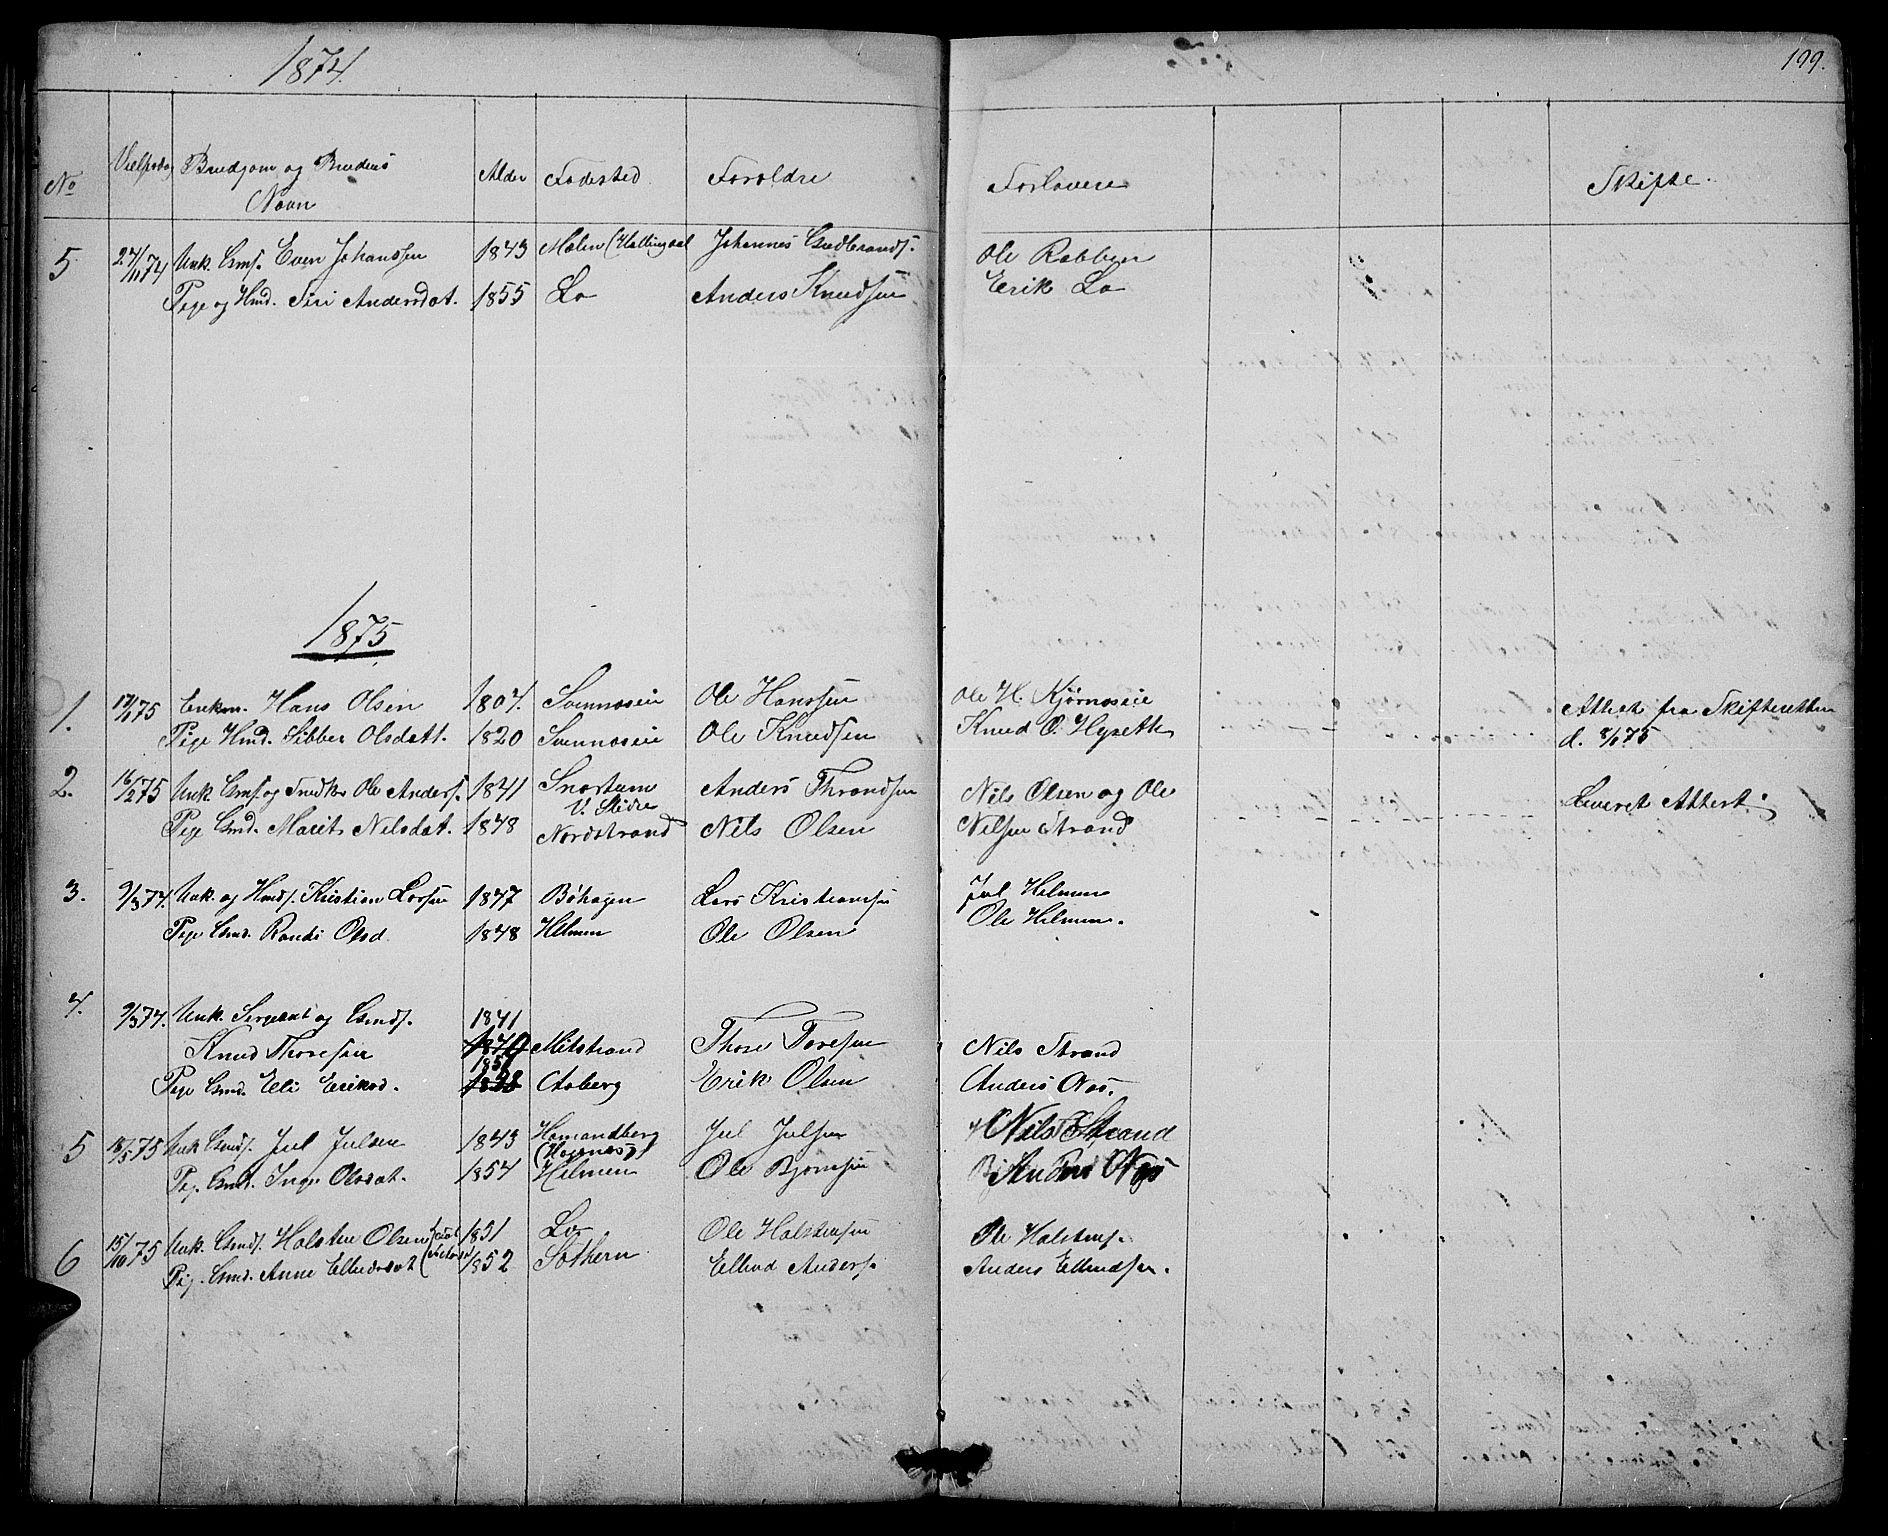 SAH, Nord-Aurdal prestekontor, Klokkerbok nr. 3, 1842-1882, s. 199